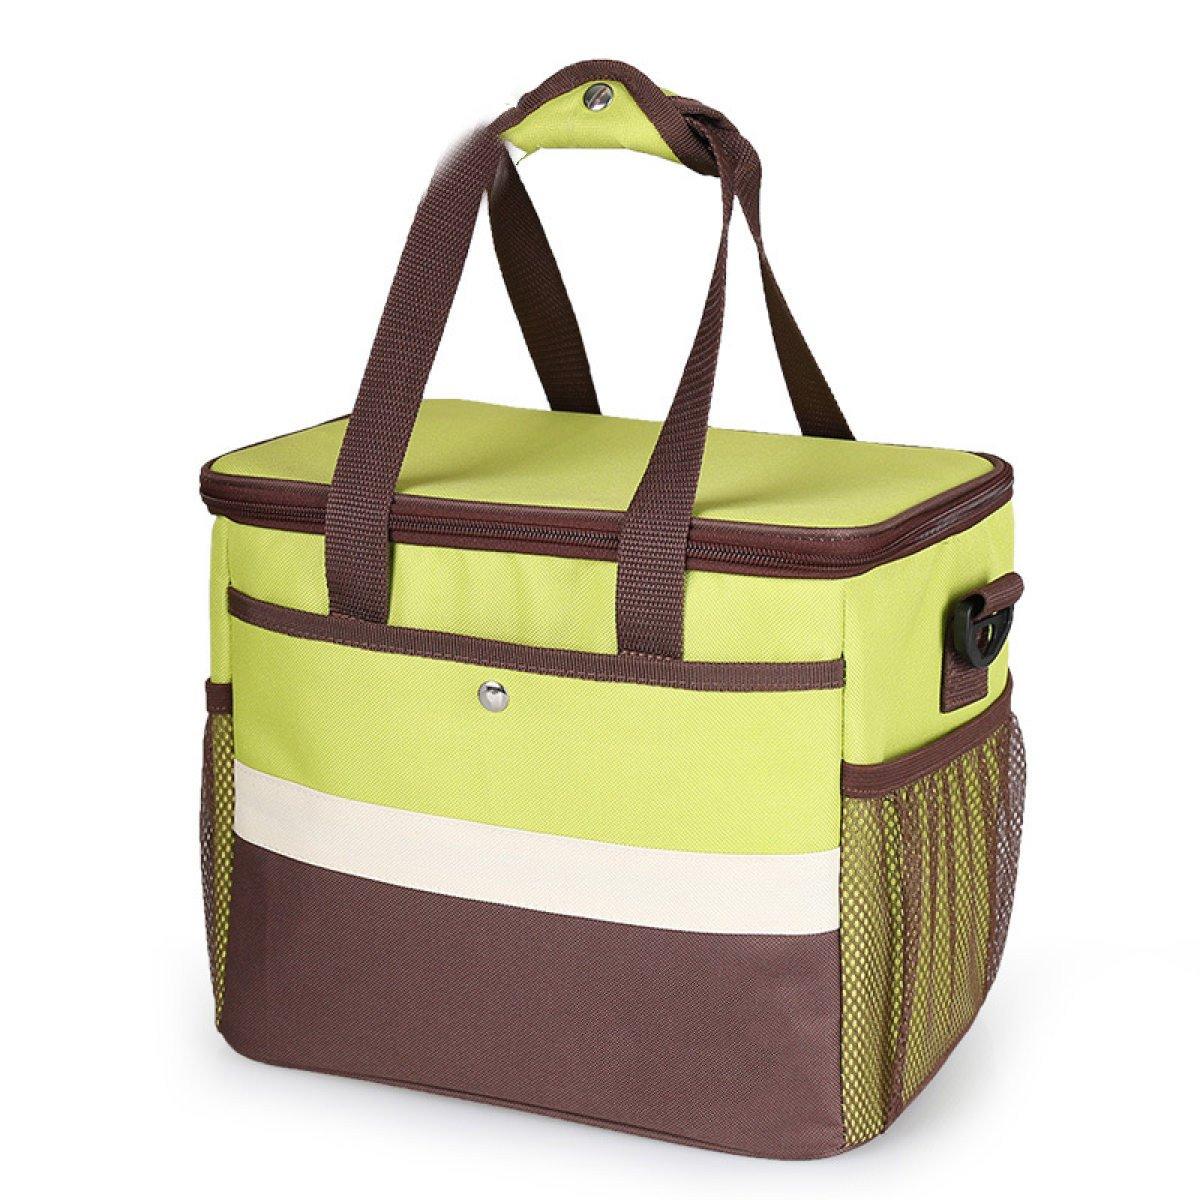 Outdoor-Picknick-Tasche Große Kapazität Kühltasche Camping Isolierung Paket Eisbeutel Lebensmittel-Taschen Tragbare